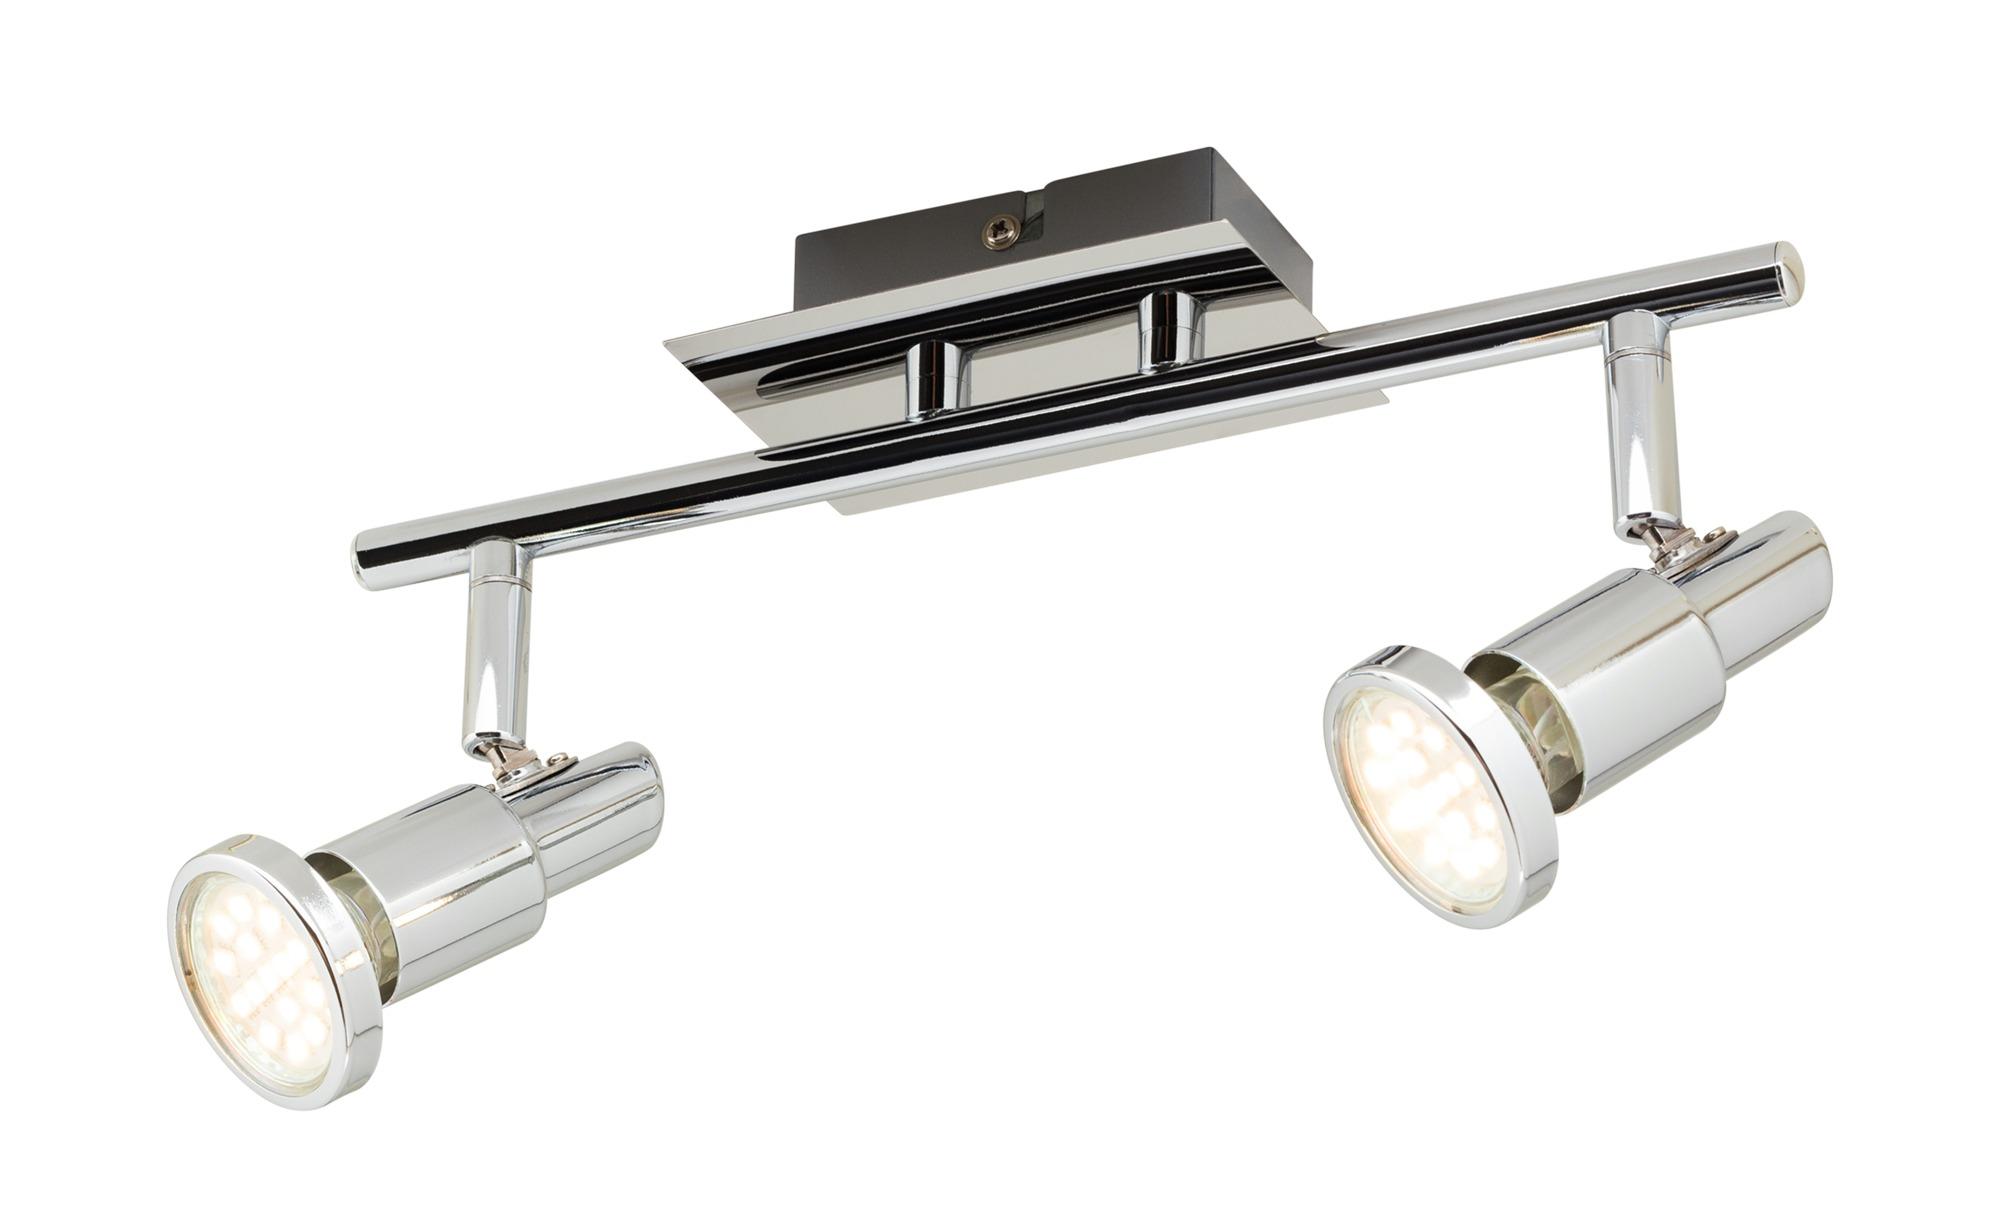 KHG LED-Deckenstrahler chrom 2 Spots ¦ silber ¦ Maße (cm): B: 8 T: 13 Lampen & Leuchten > LED-Leuchten > LED-Strahler & Spots - Höffner